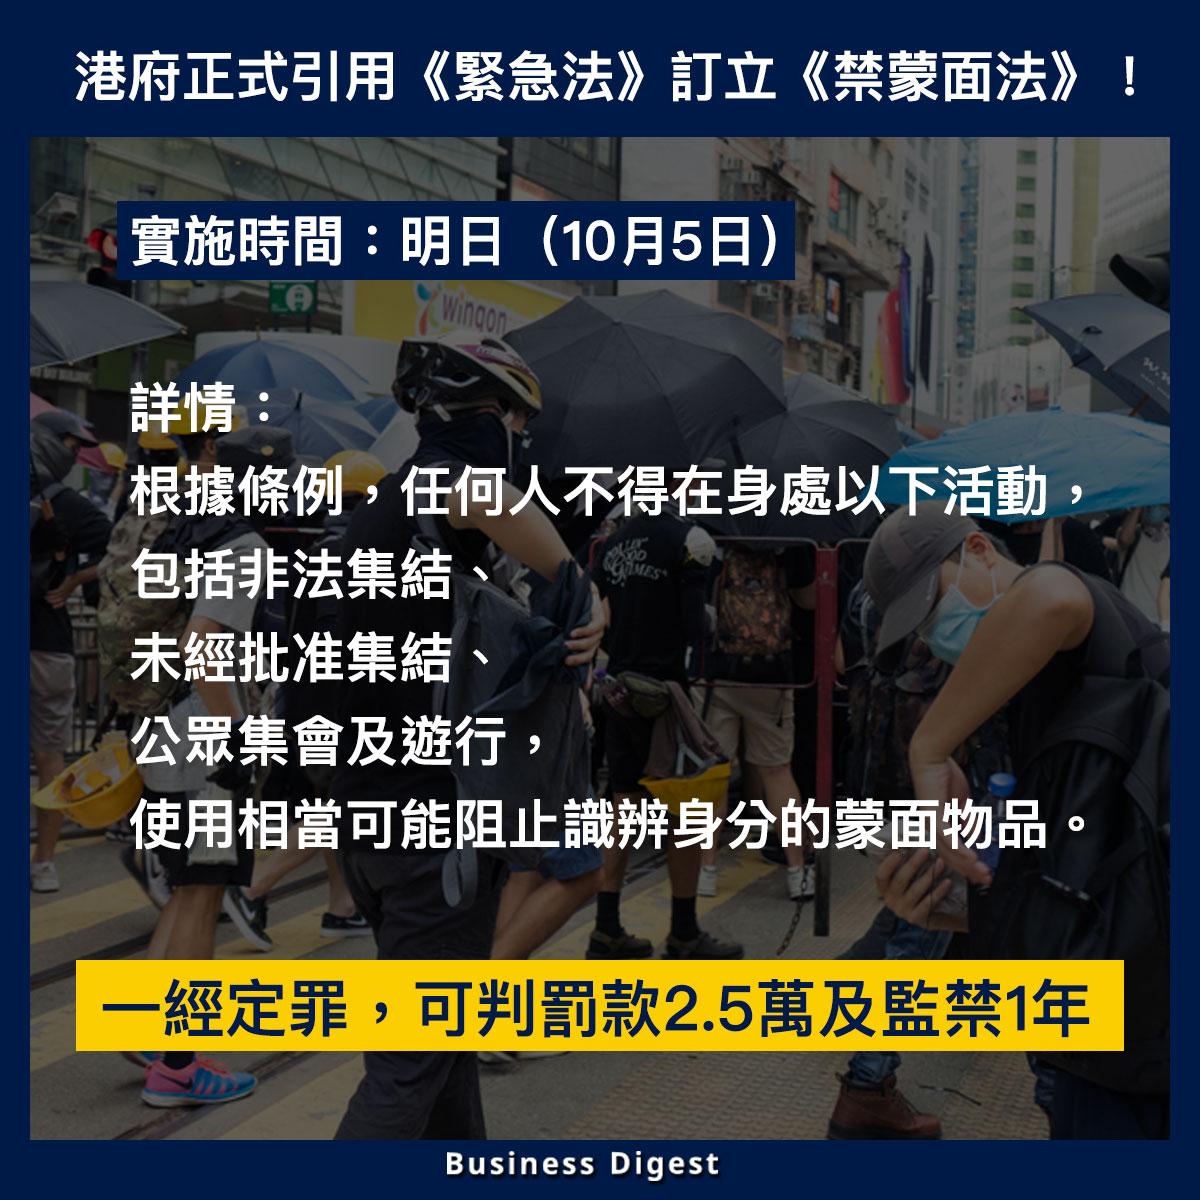 【商業熱話】港府正式引用《緊急法》訂立《禁蒙面法》!